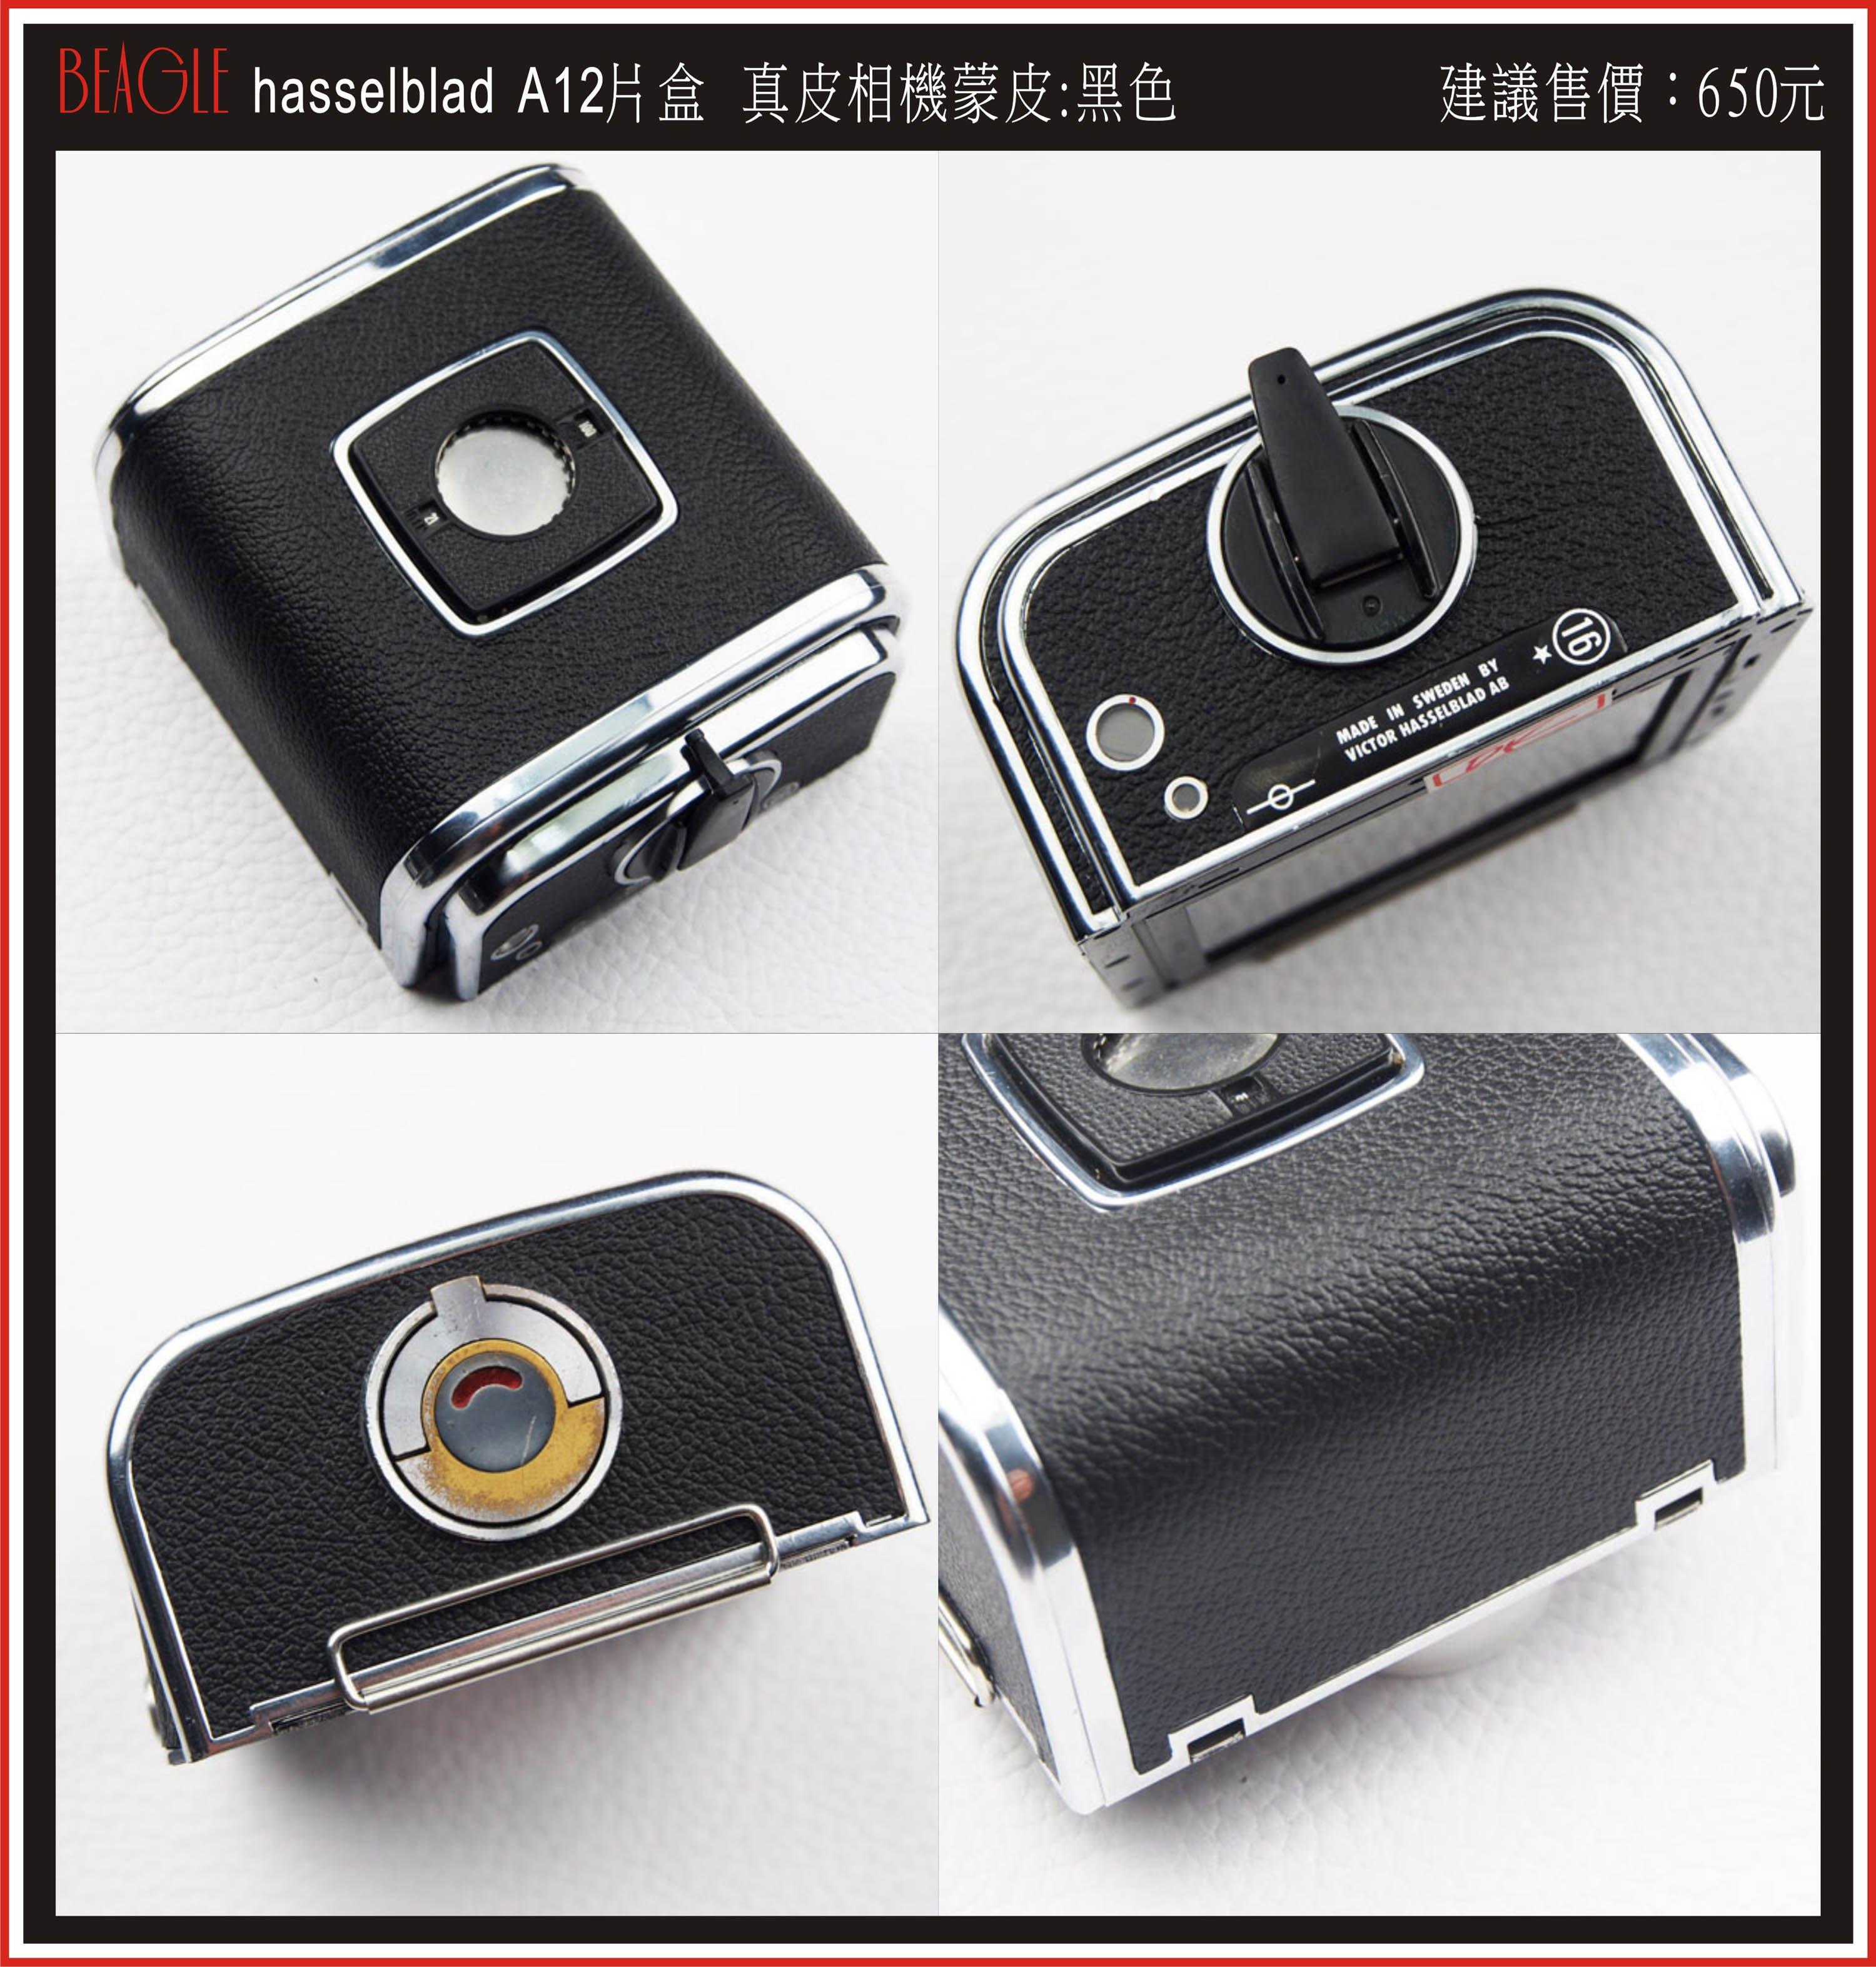 (BEAGLE) hasselblad A12片盒 真皮相機蒙皮---黑色---可訂製其他顏色